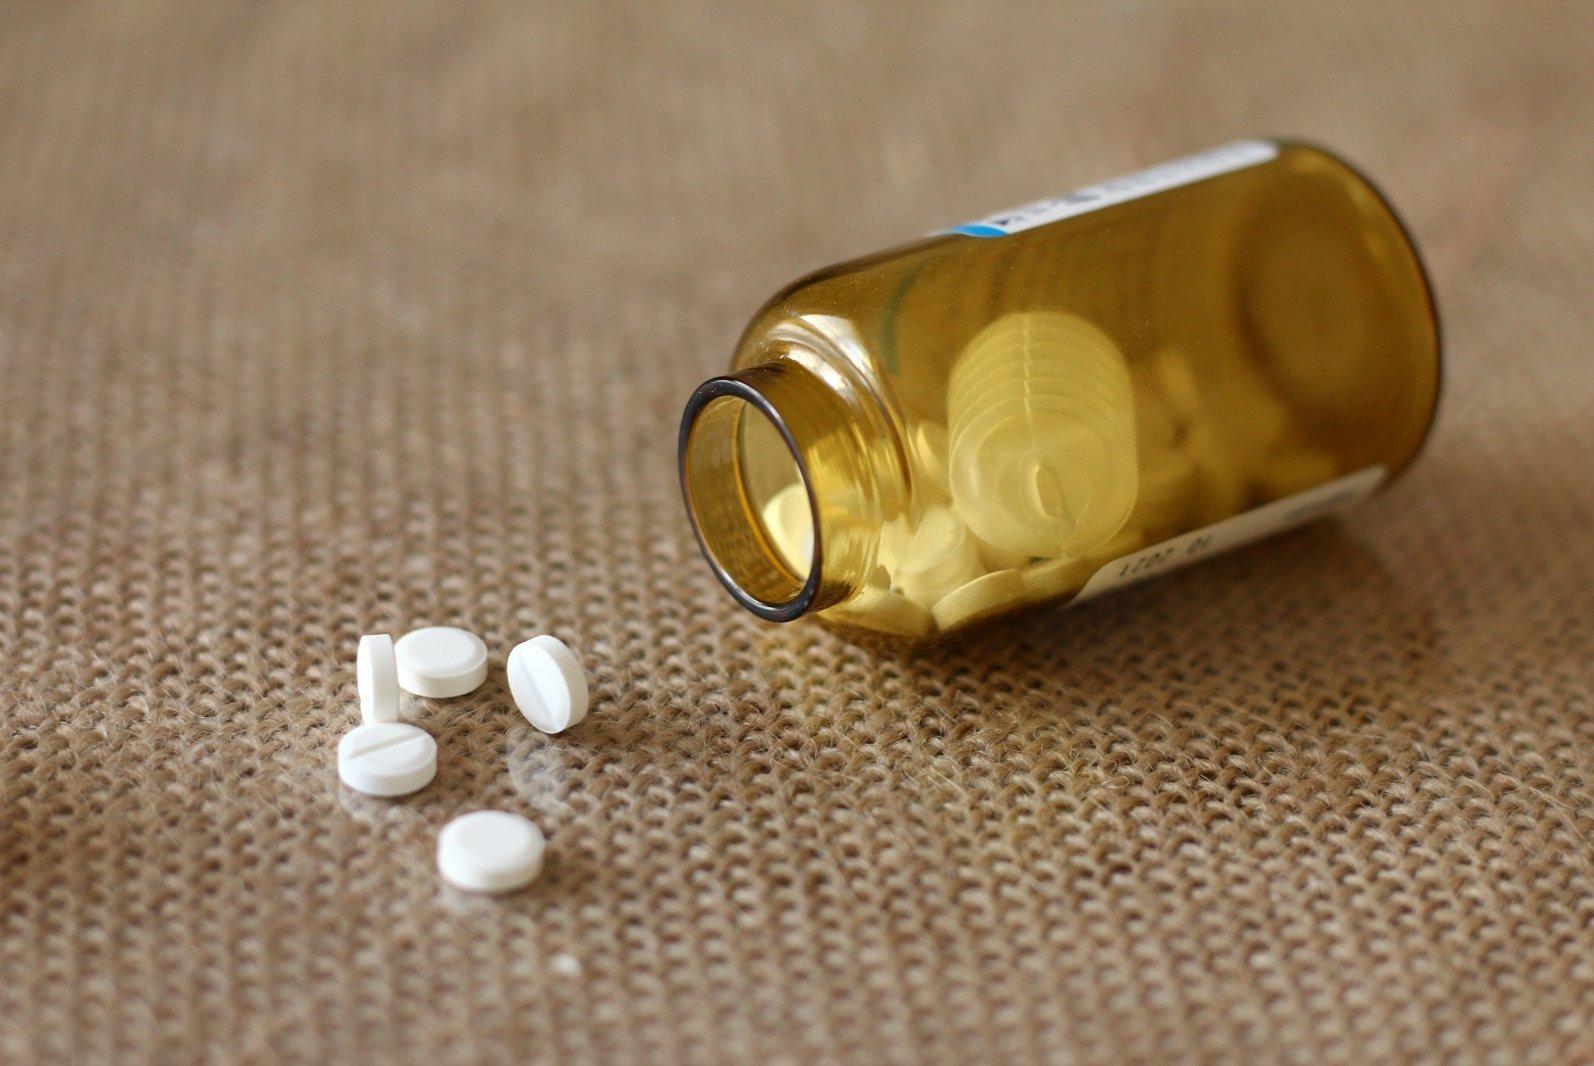 raminamieji vaistai nuo hipertenzijos ar galima vartoti dyufastoną nuo hipertenzijos